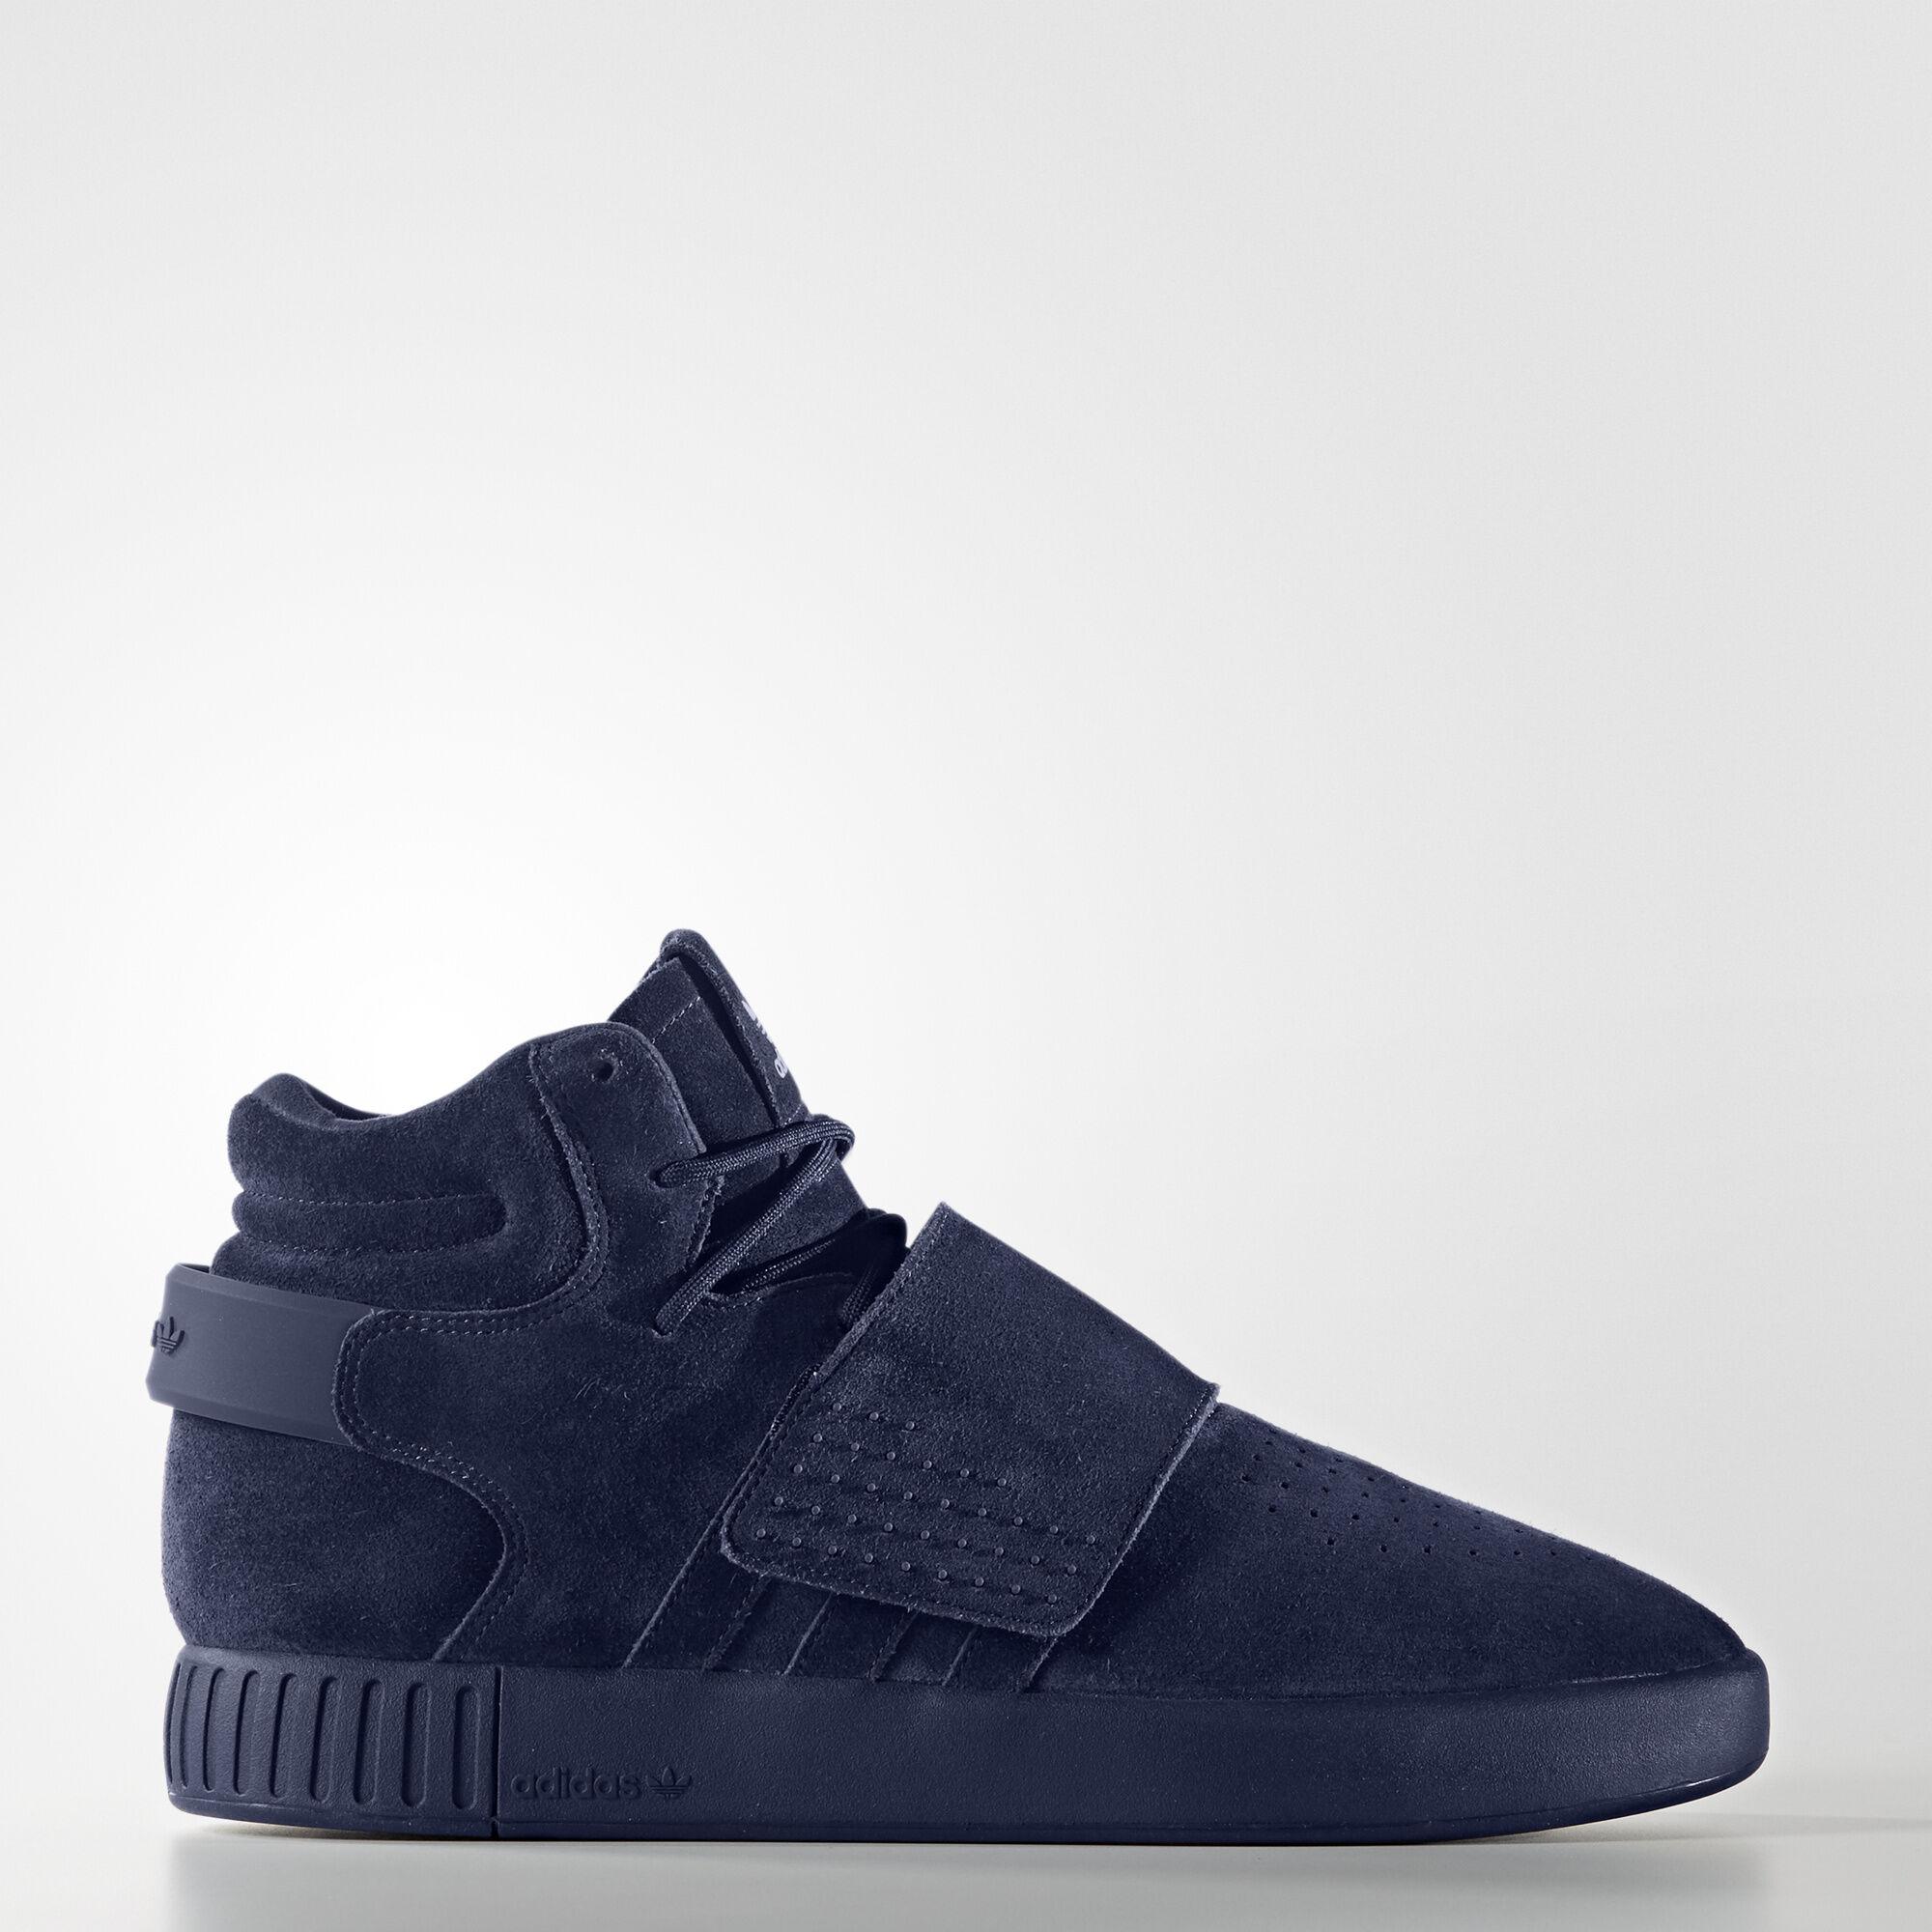 Zapatos azules Adidas Tubular para hombre 22Obq